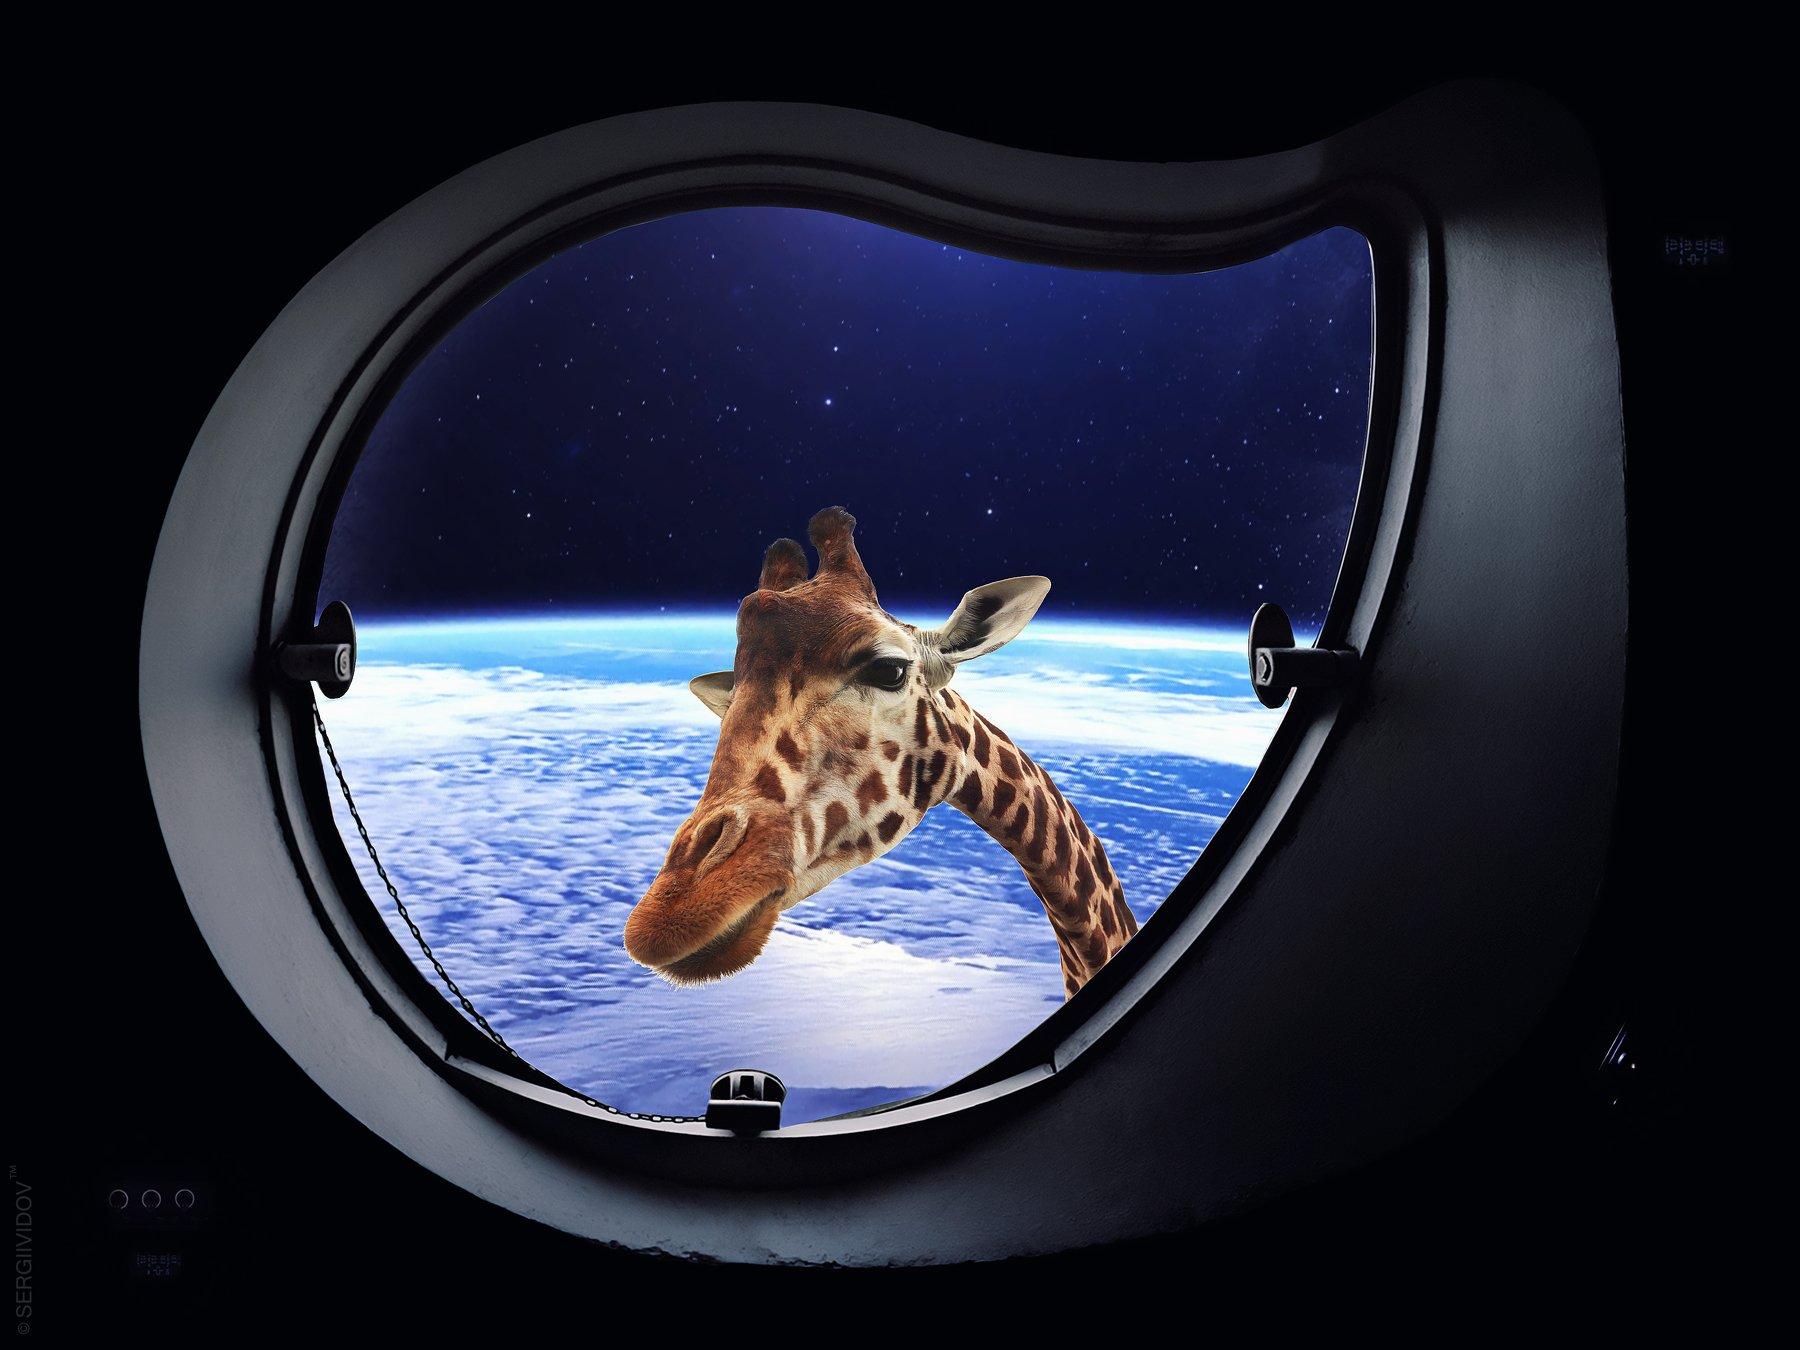 космос, коллаж, жираф, иллюминатор, Sergii Vidov